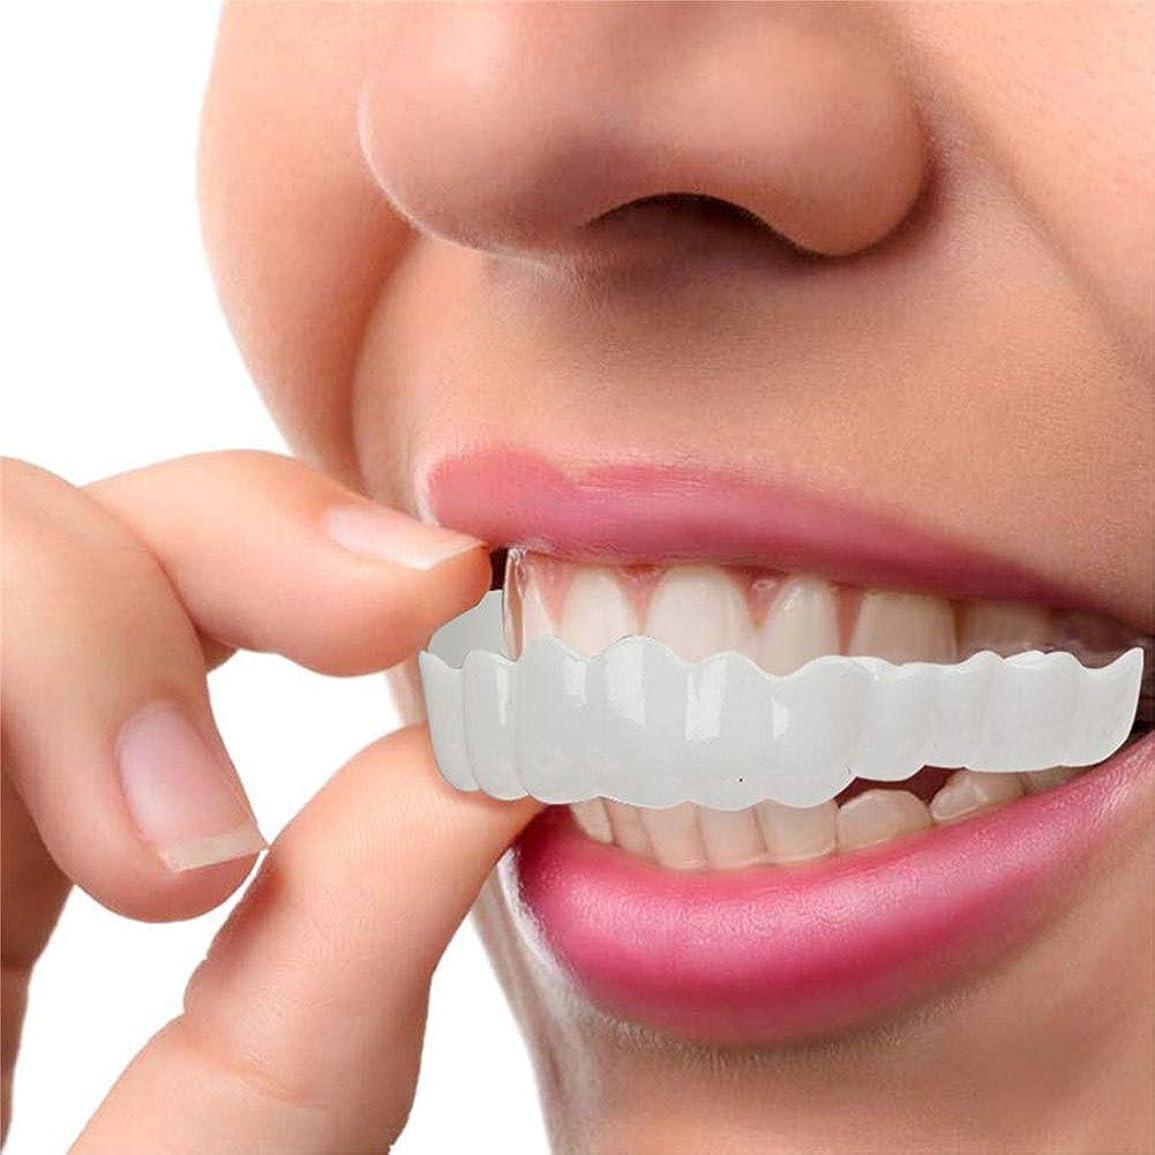 オペレーター要旨リラックスした2セット、白い歯をきれいにするコンフォートフィットフレックス歯ソケット、化粧用歯、超快適、快適フィット、